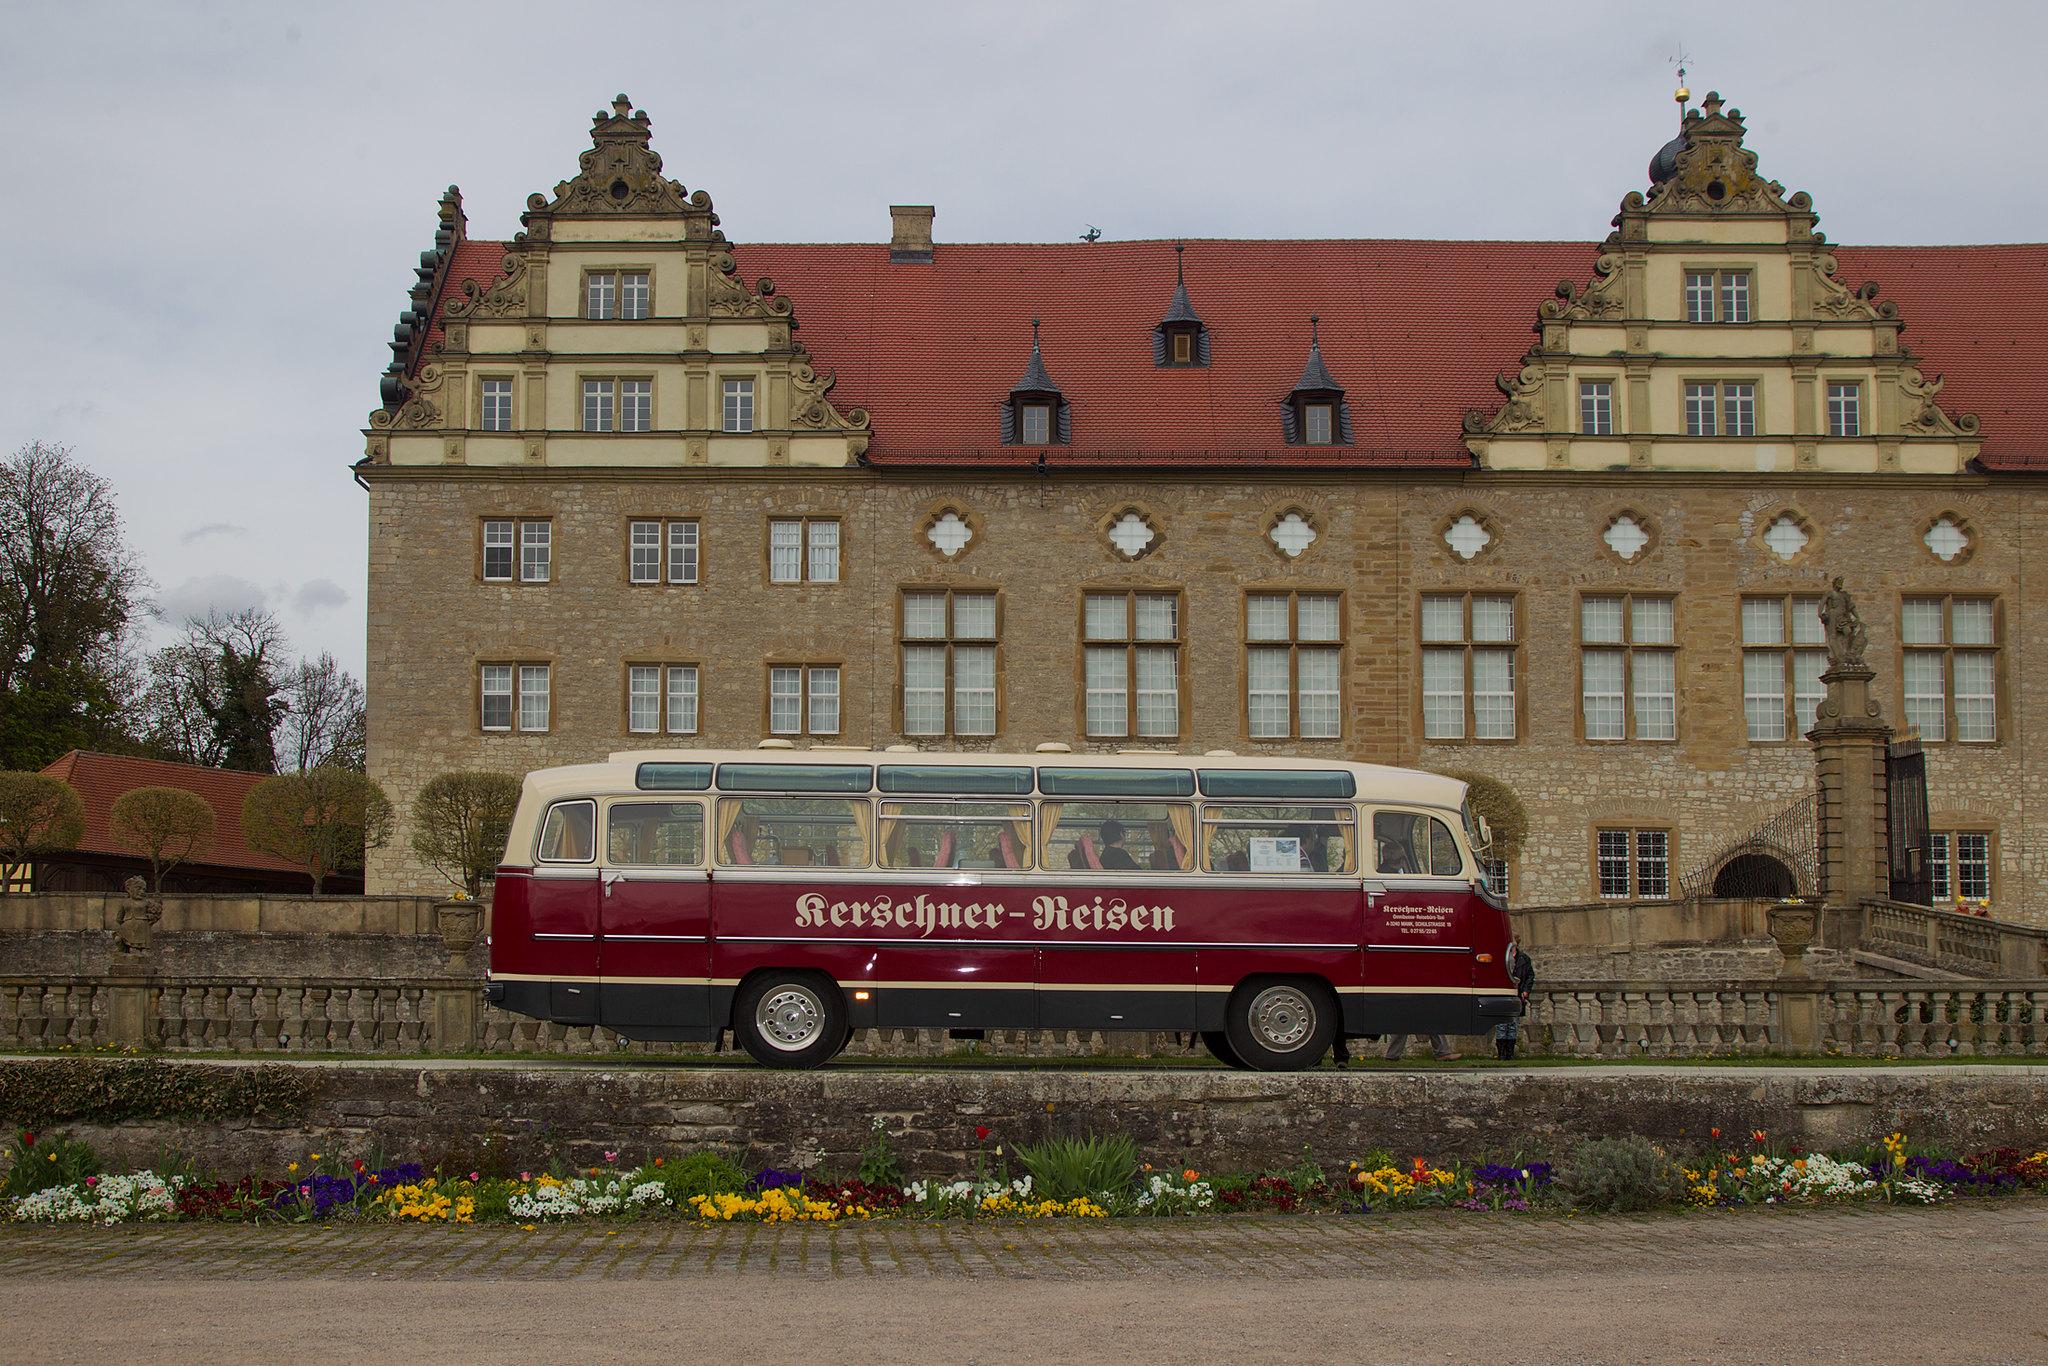 Oldtimer Bus vor dem Schloss Weikerhseim